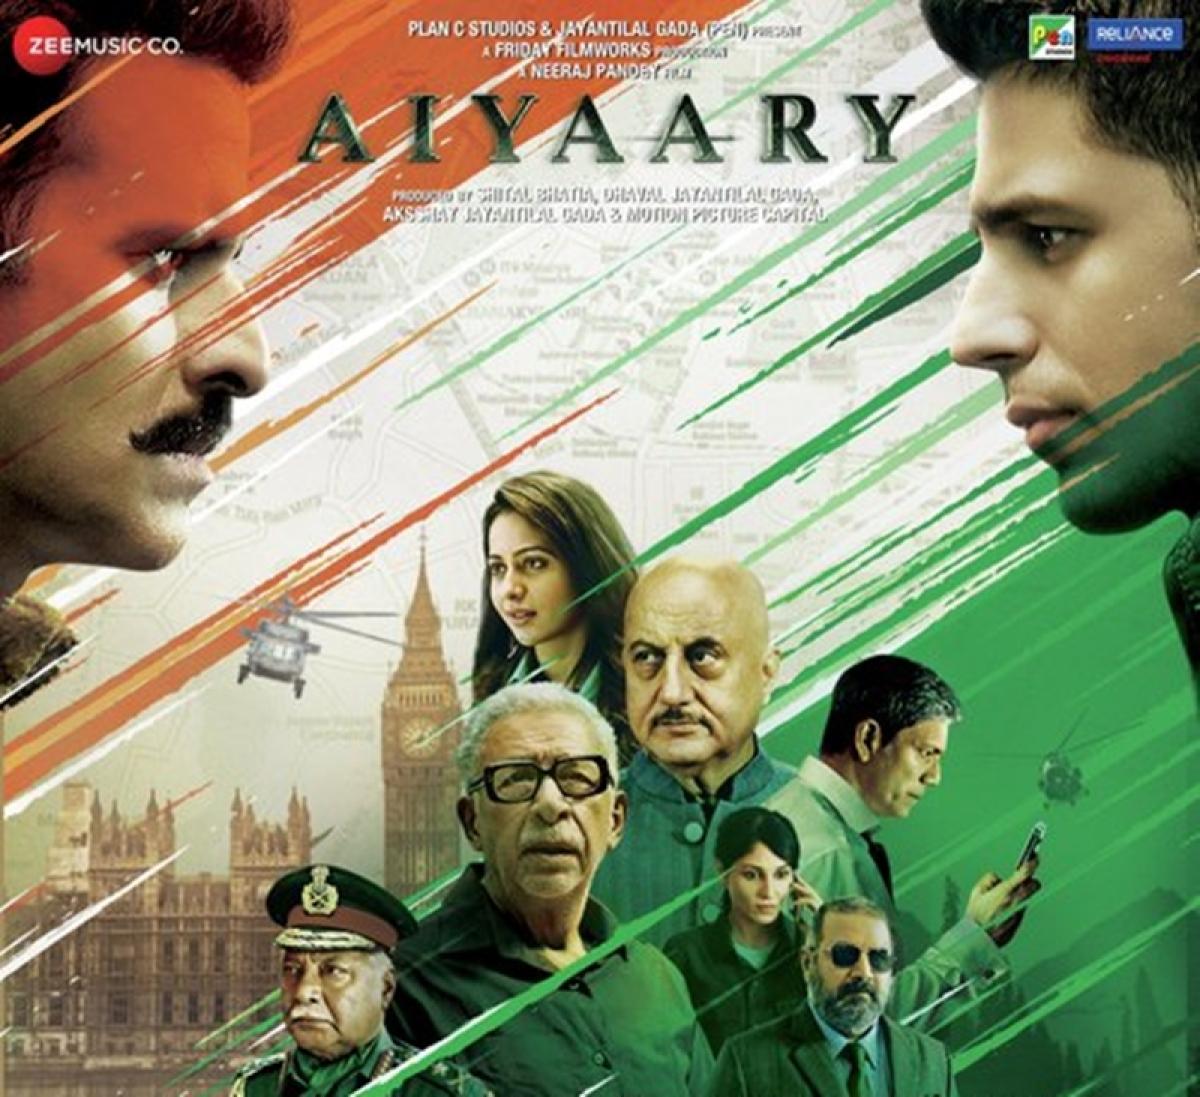 Will team Aiyaary visit Adarsh Society?